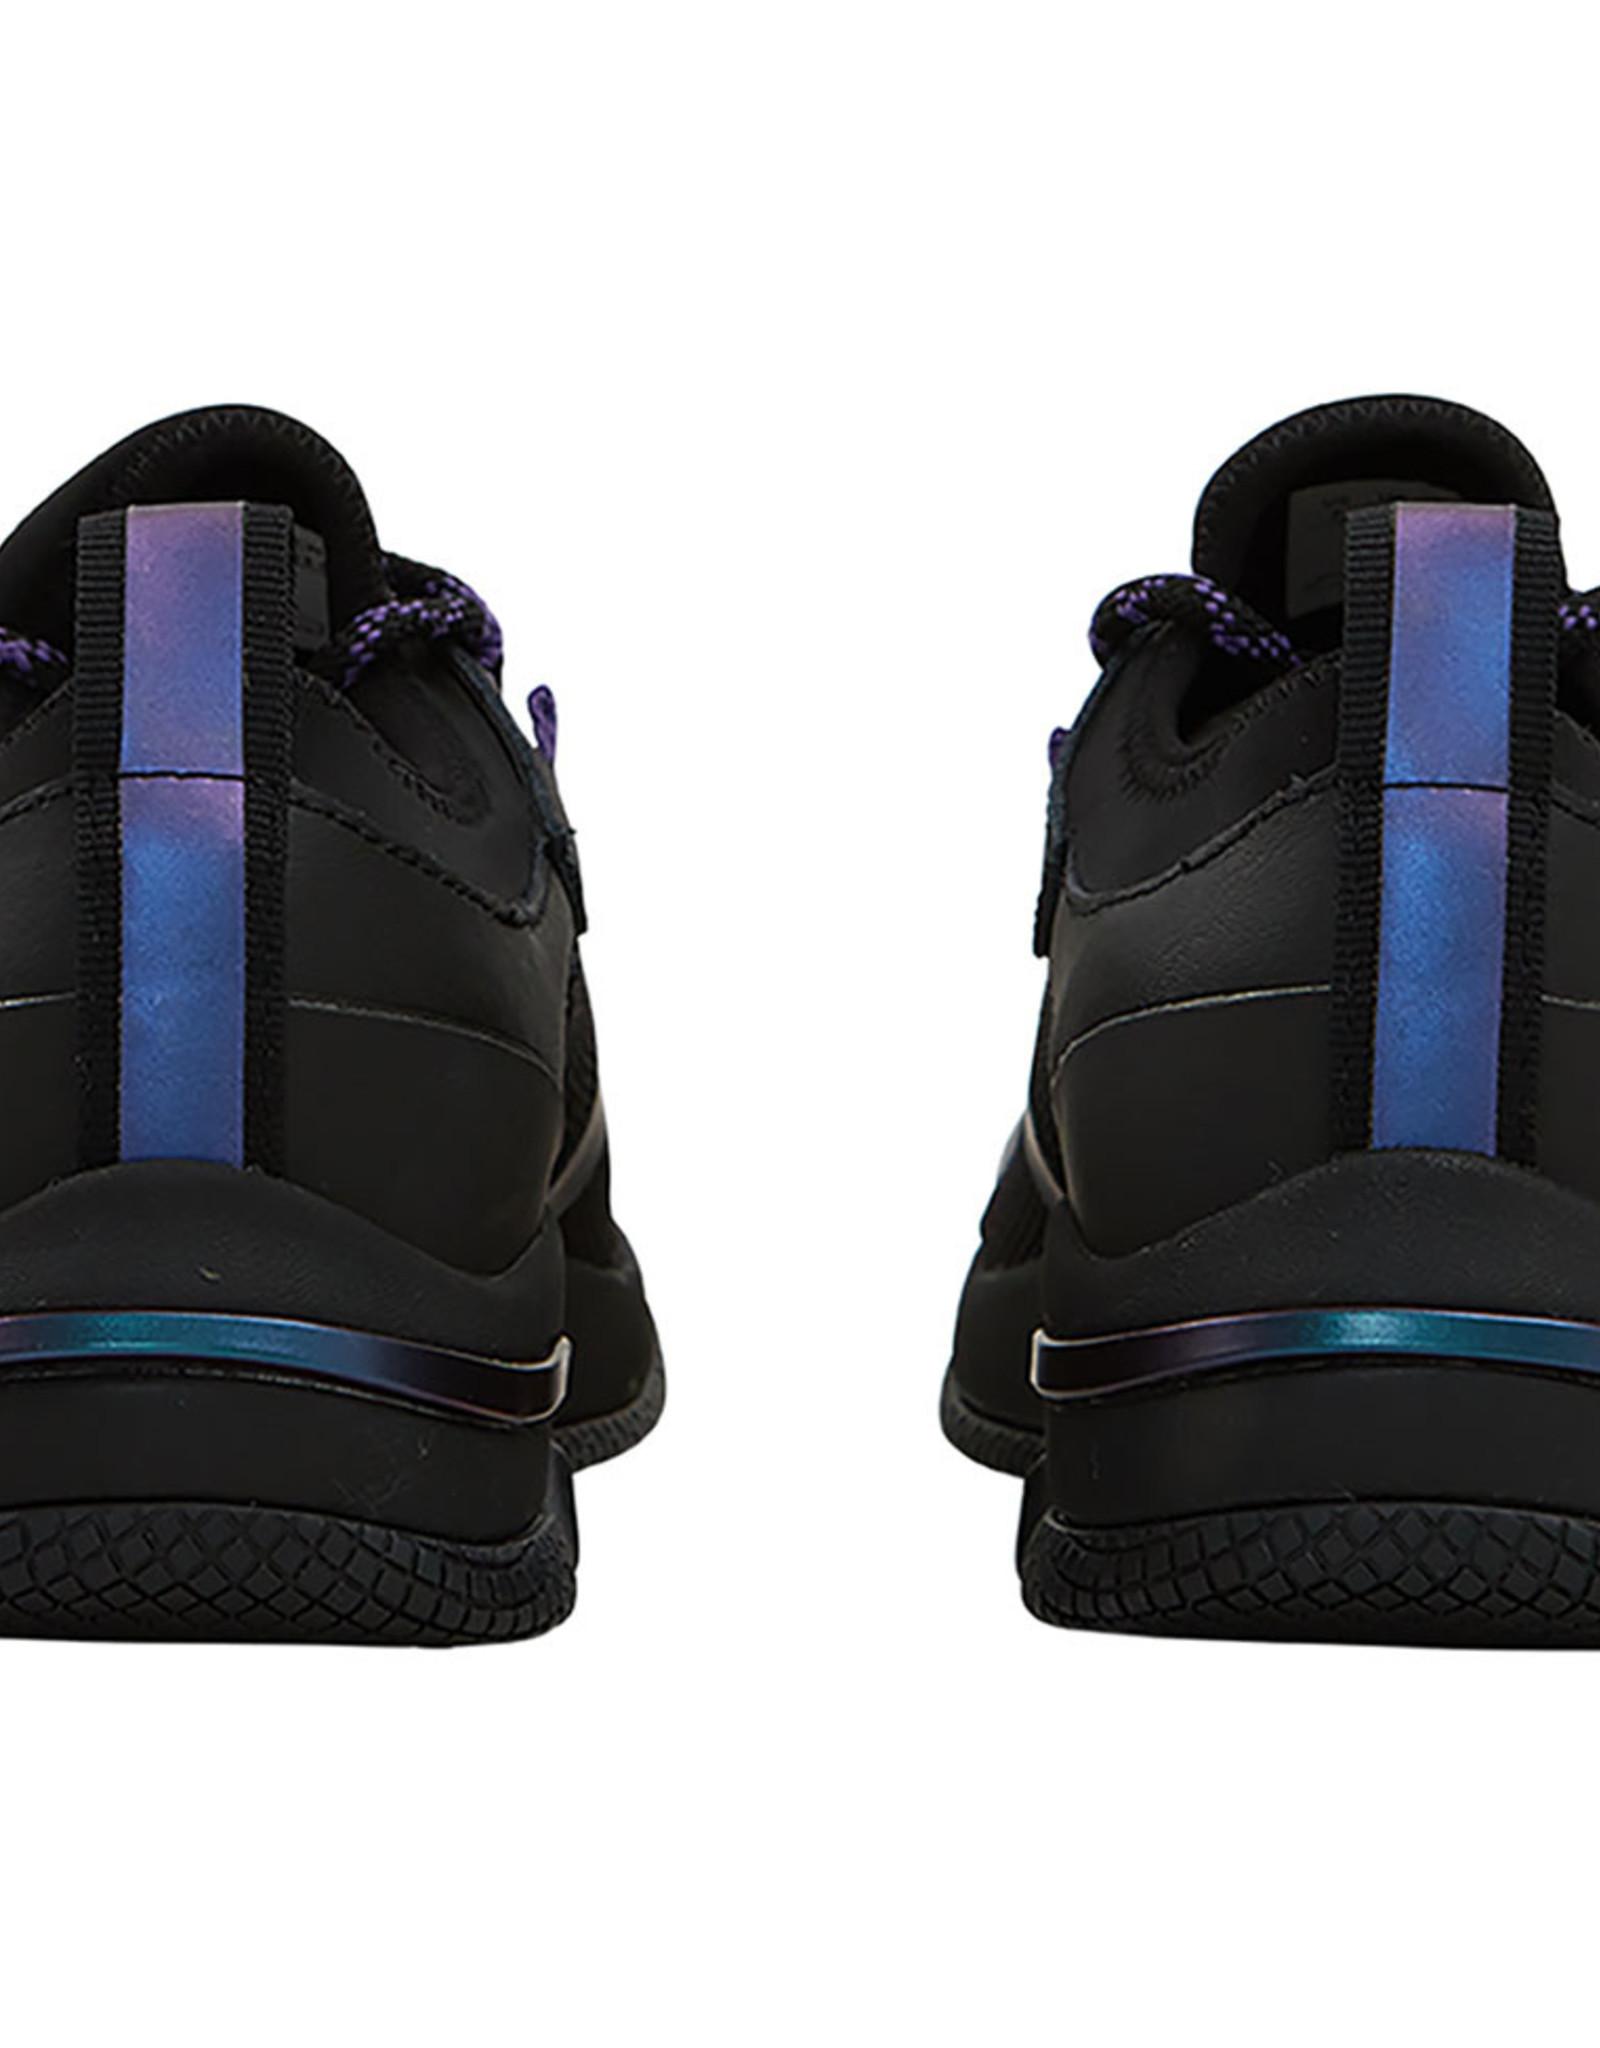 Infinity Footwear DART Shoe Amplify